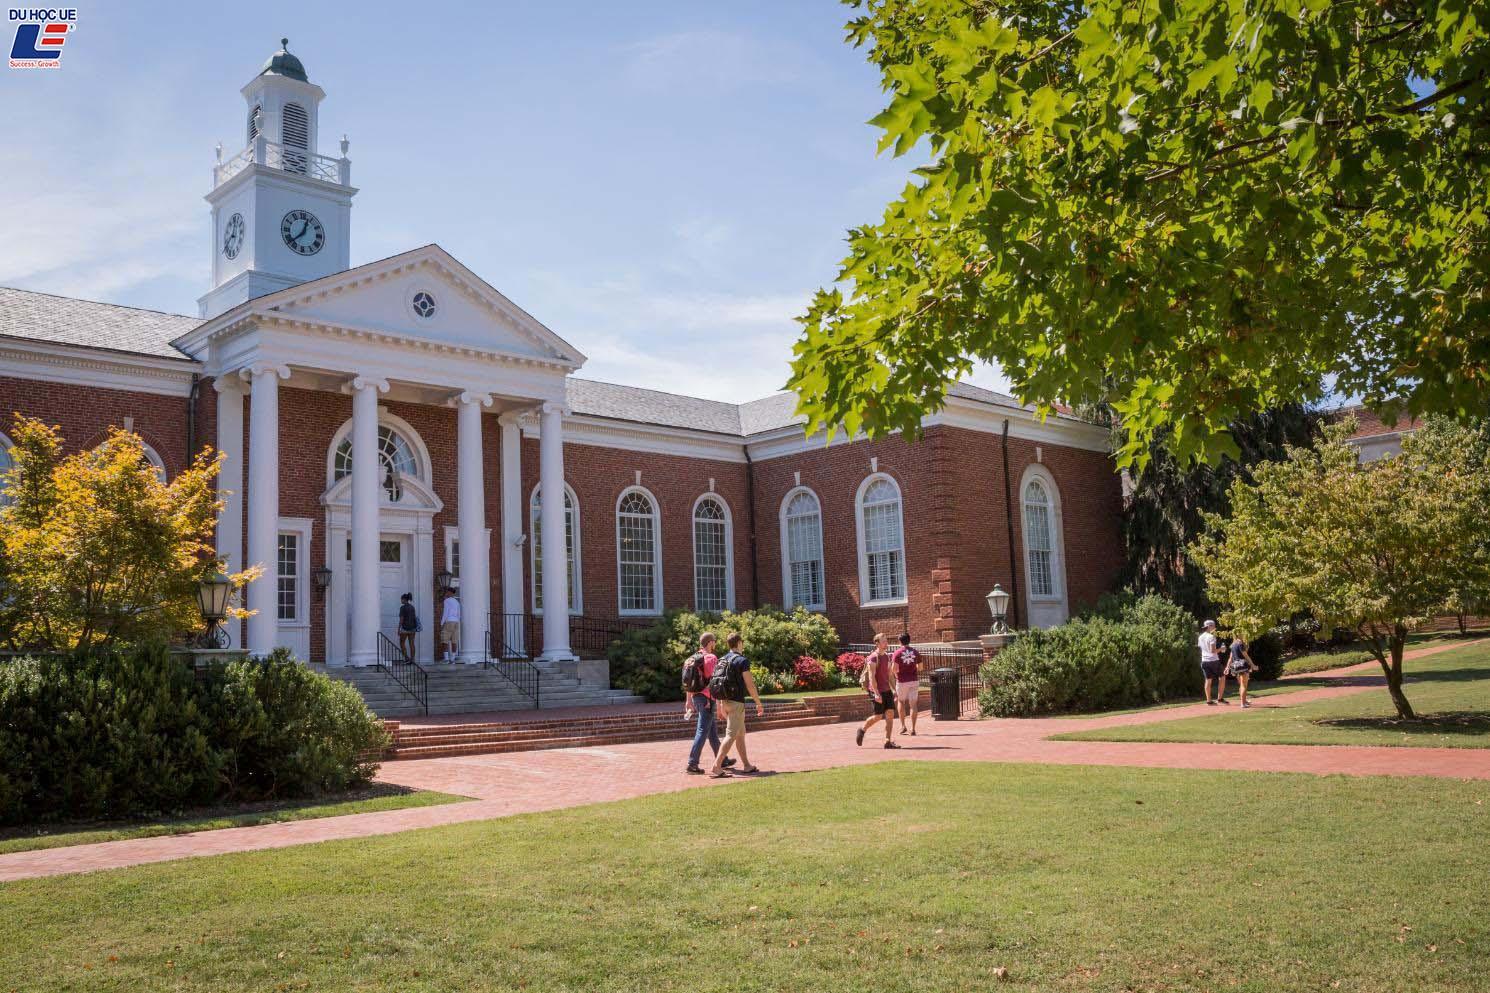 Triển lãm giáo dục Mỹ_Học bổng du học các nước, mùa thu 2019 - Longwood University